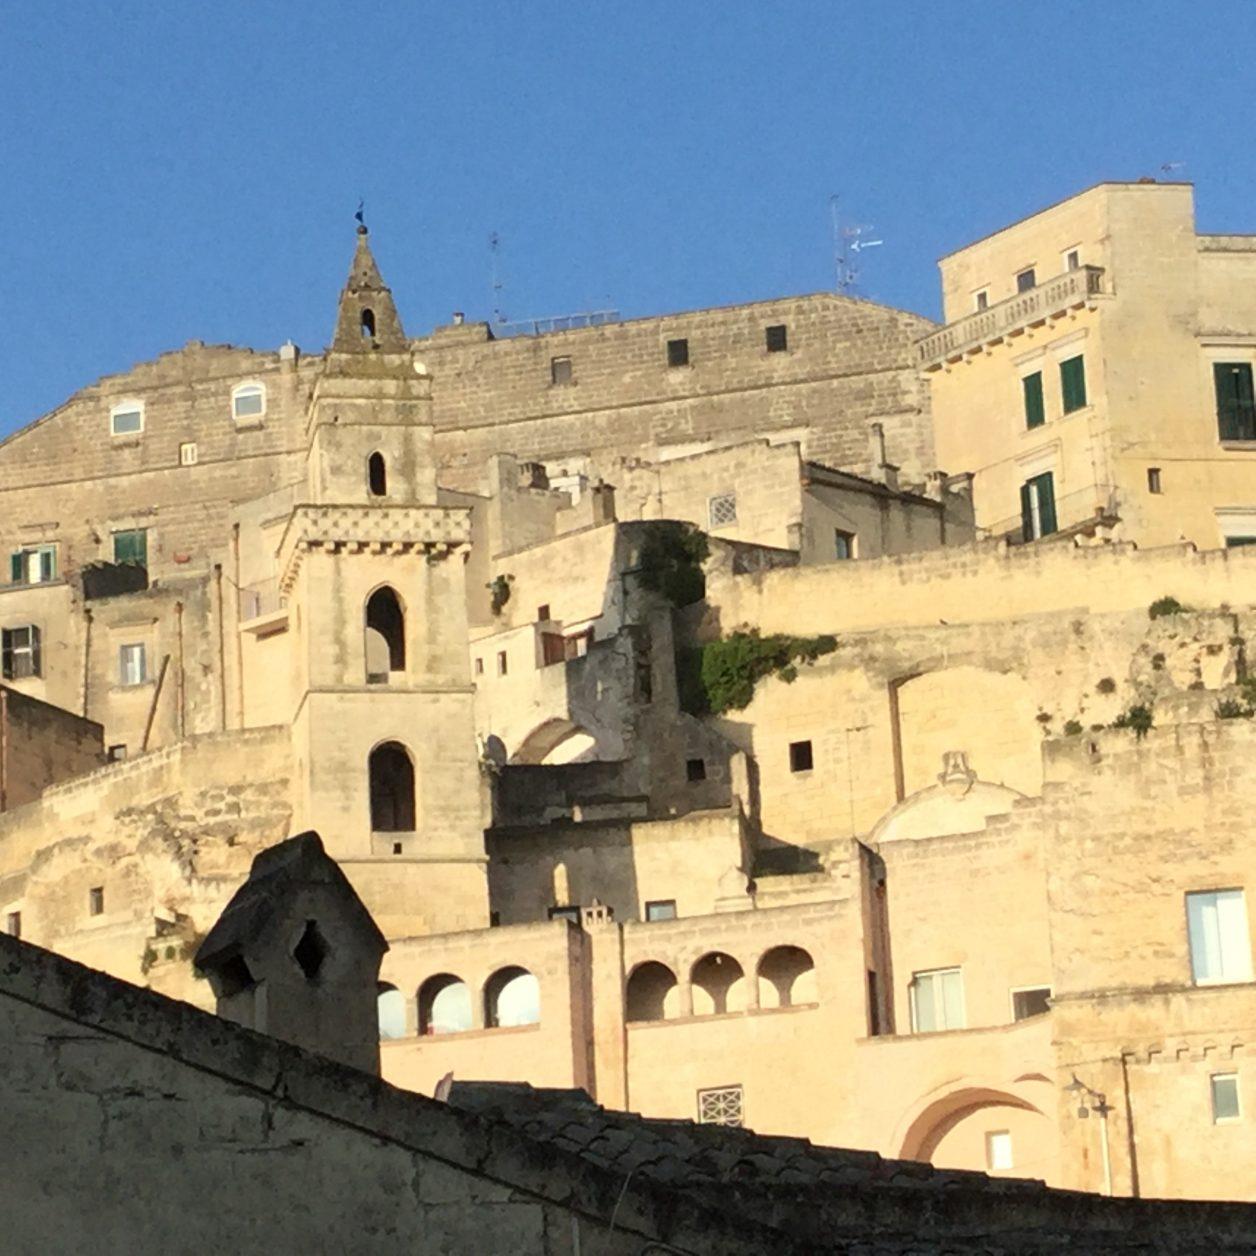 Bekannt ist Matera für seine Altstadt, die zu einem erheblichen Teil aus Höhlensiedlungen, den Sassi, besteht.